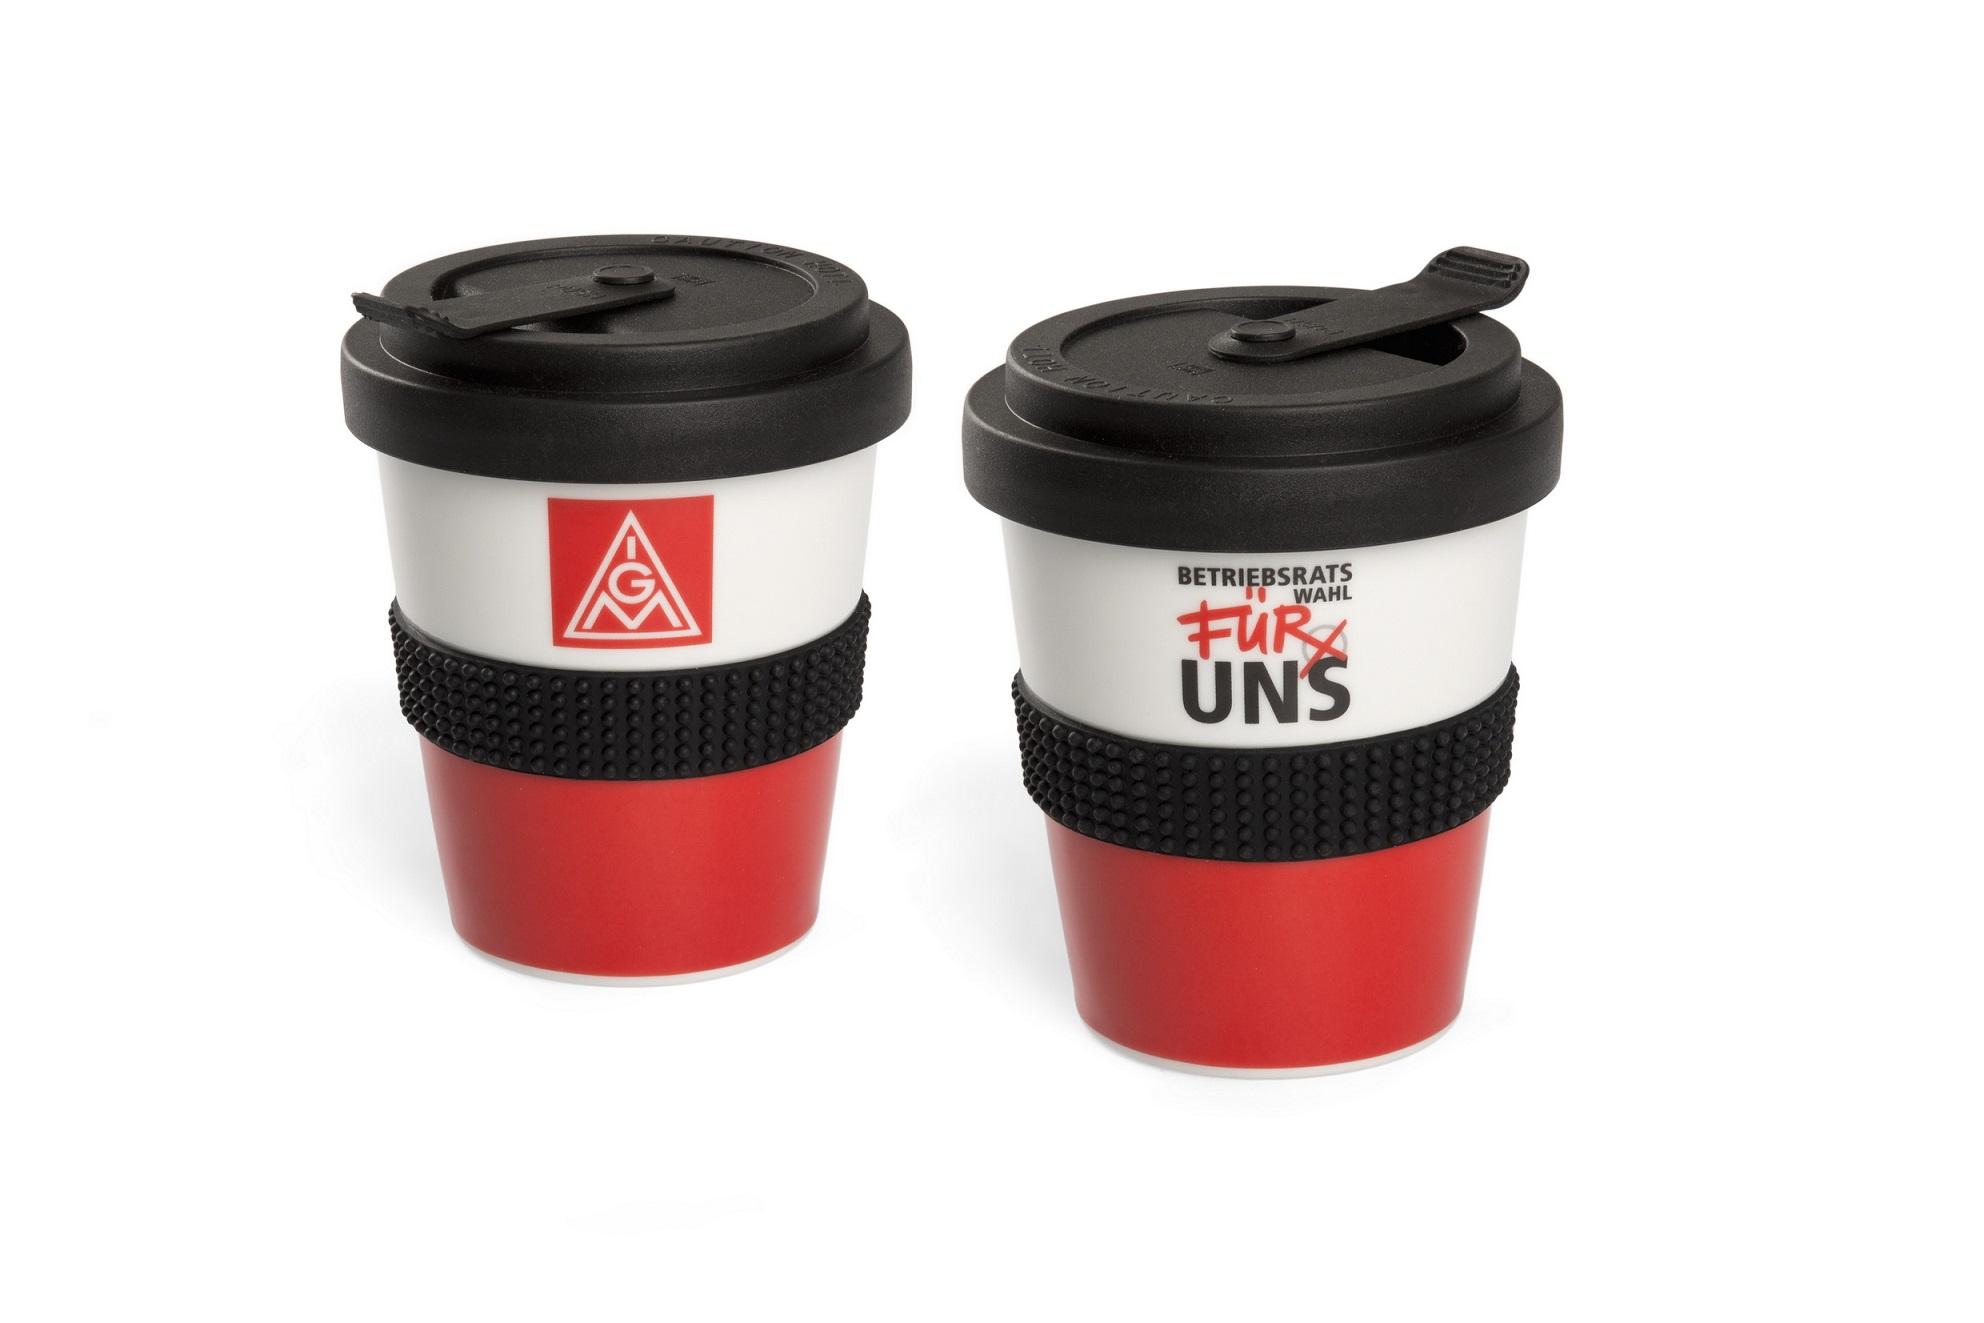 Umweltfreundlicher Und Nachhaltiger Coffee To Go Becher In